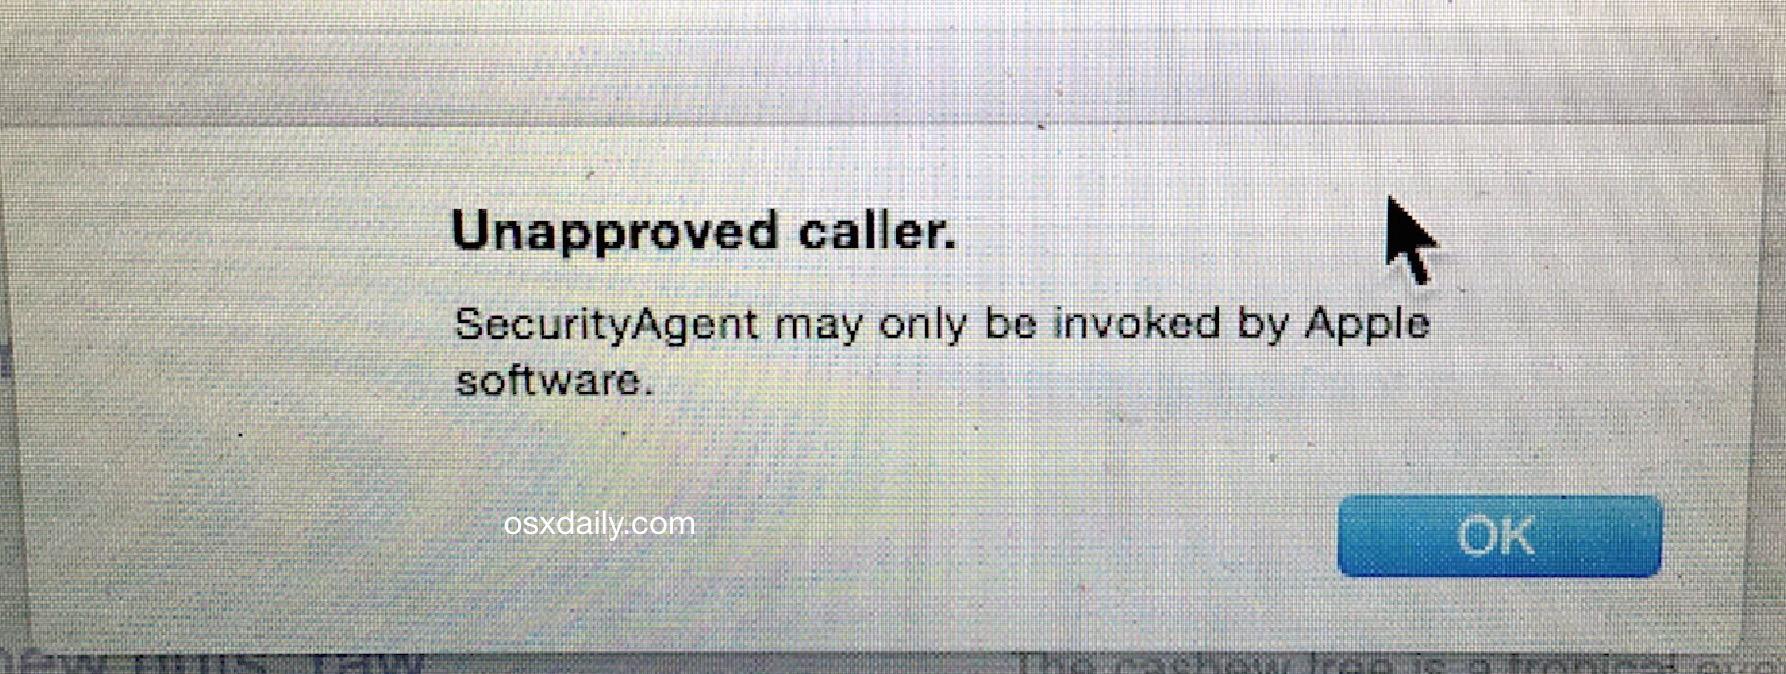 non approvato-caller-SecurityAgent-messaggio-mac-os-x